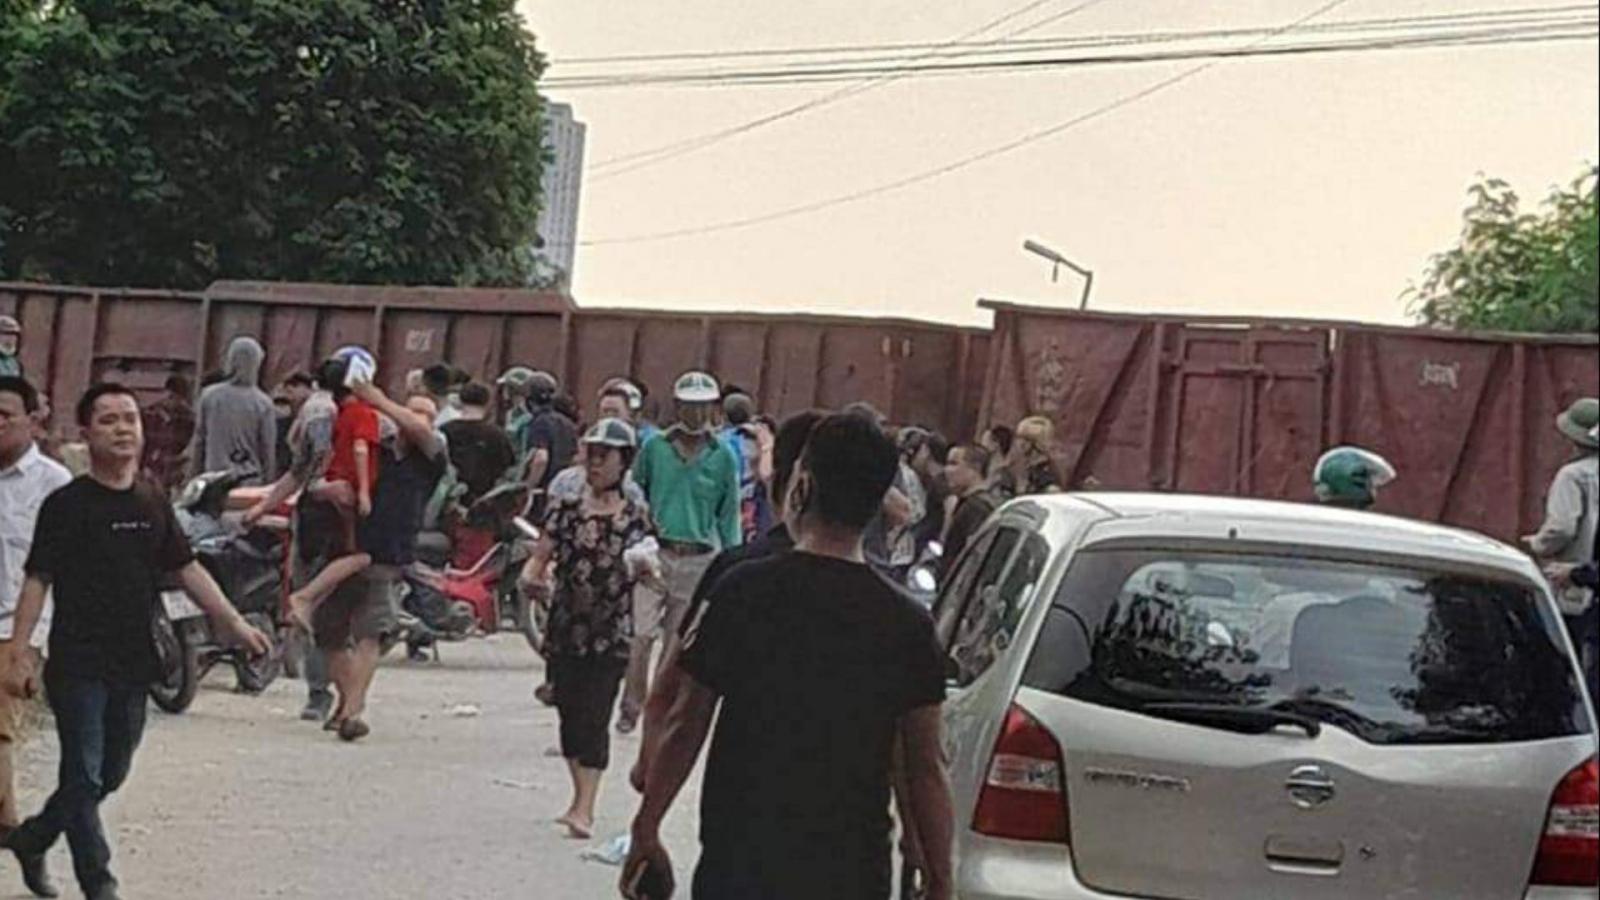 Tàu hoả va chạm với xe 45 chỗ đưa đón học sinh ở Hà Nội